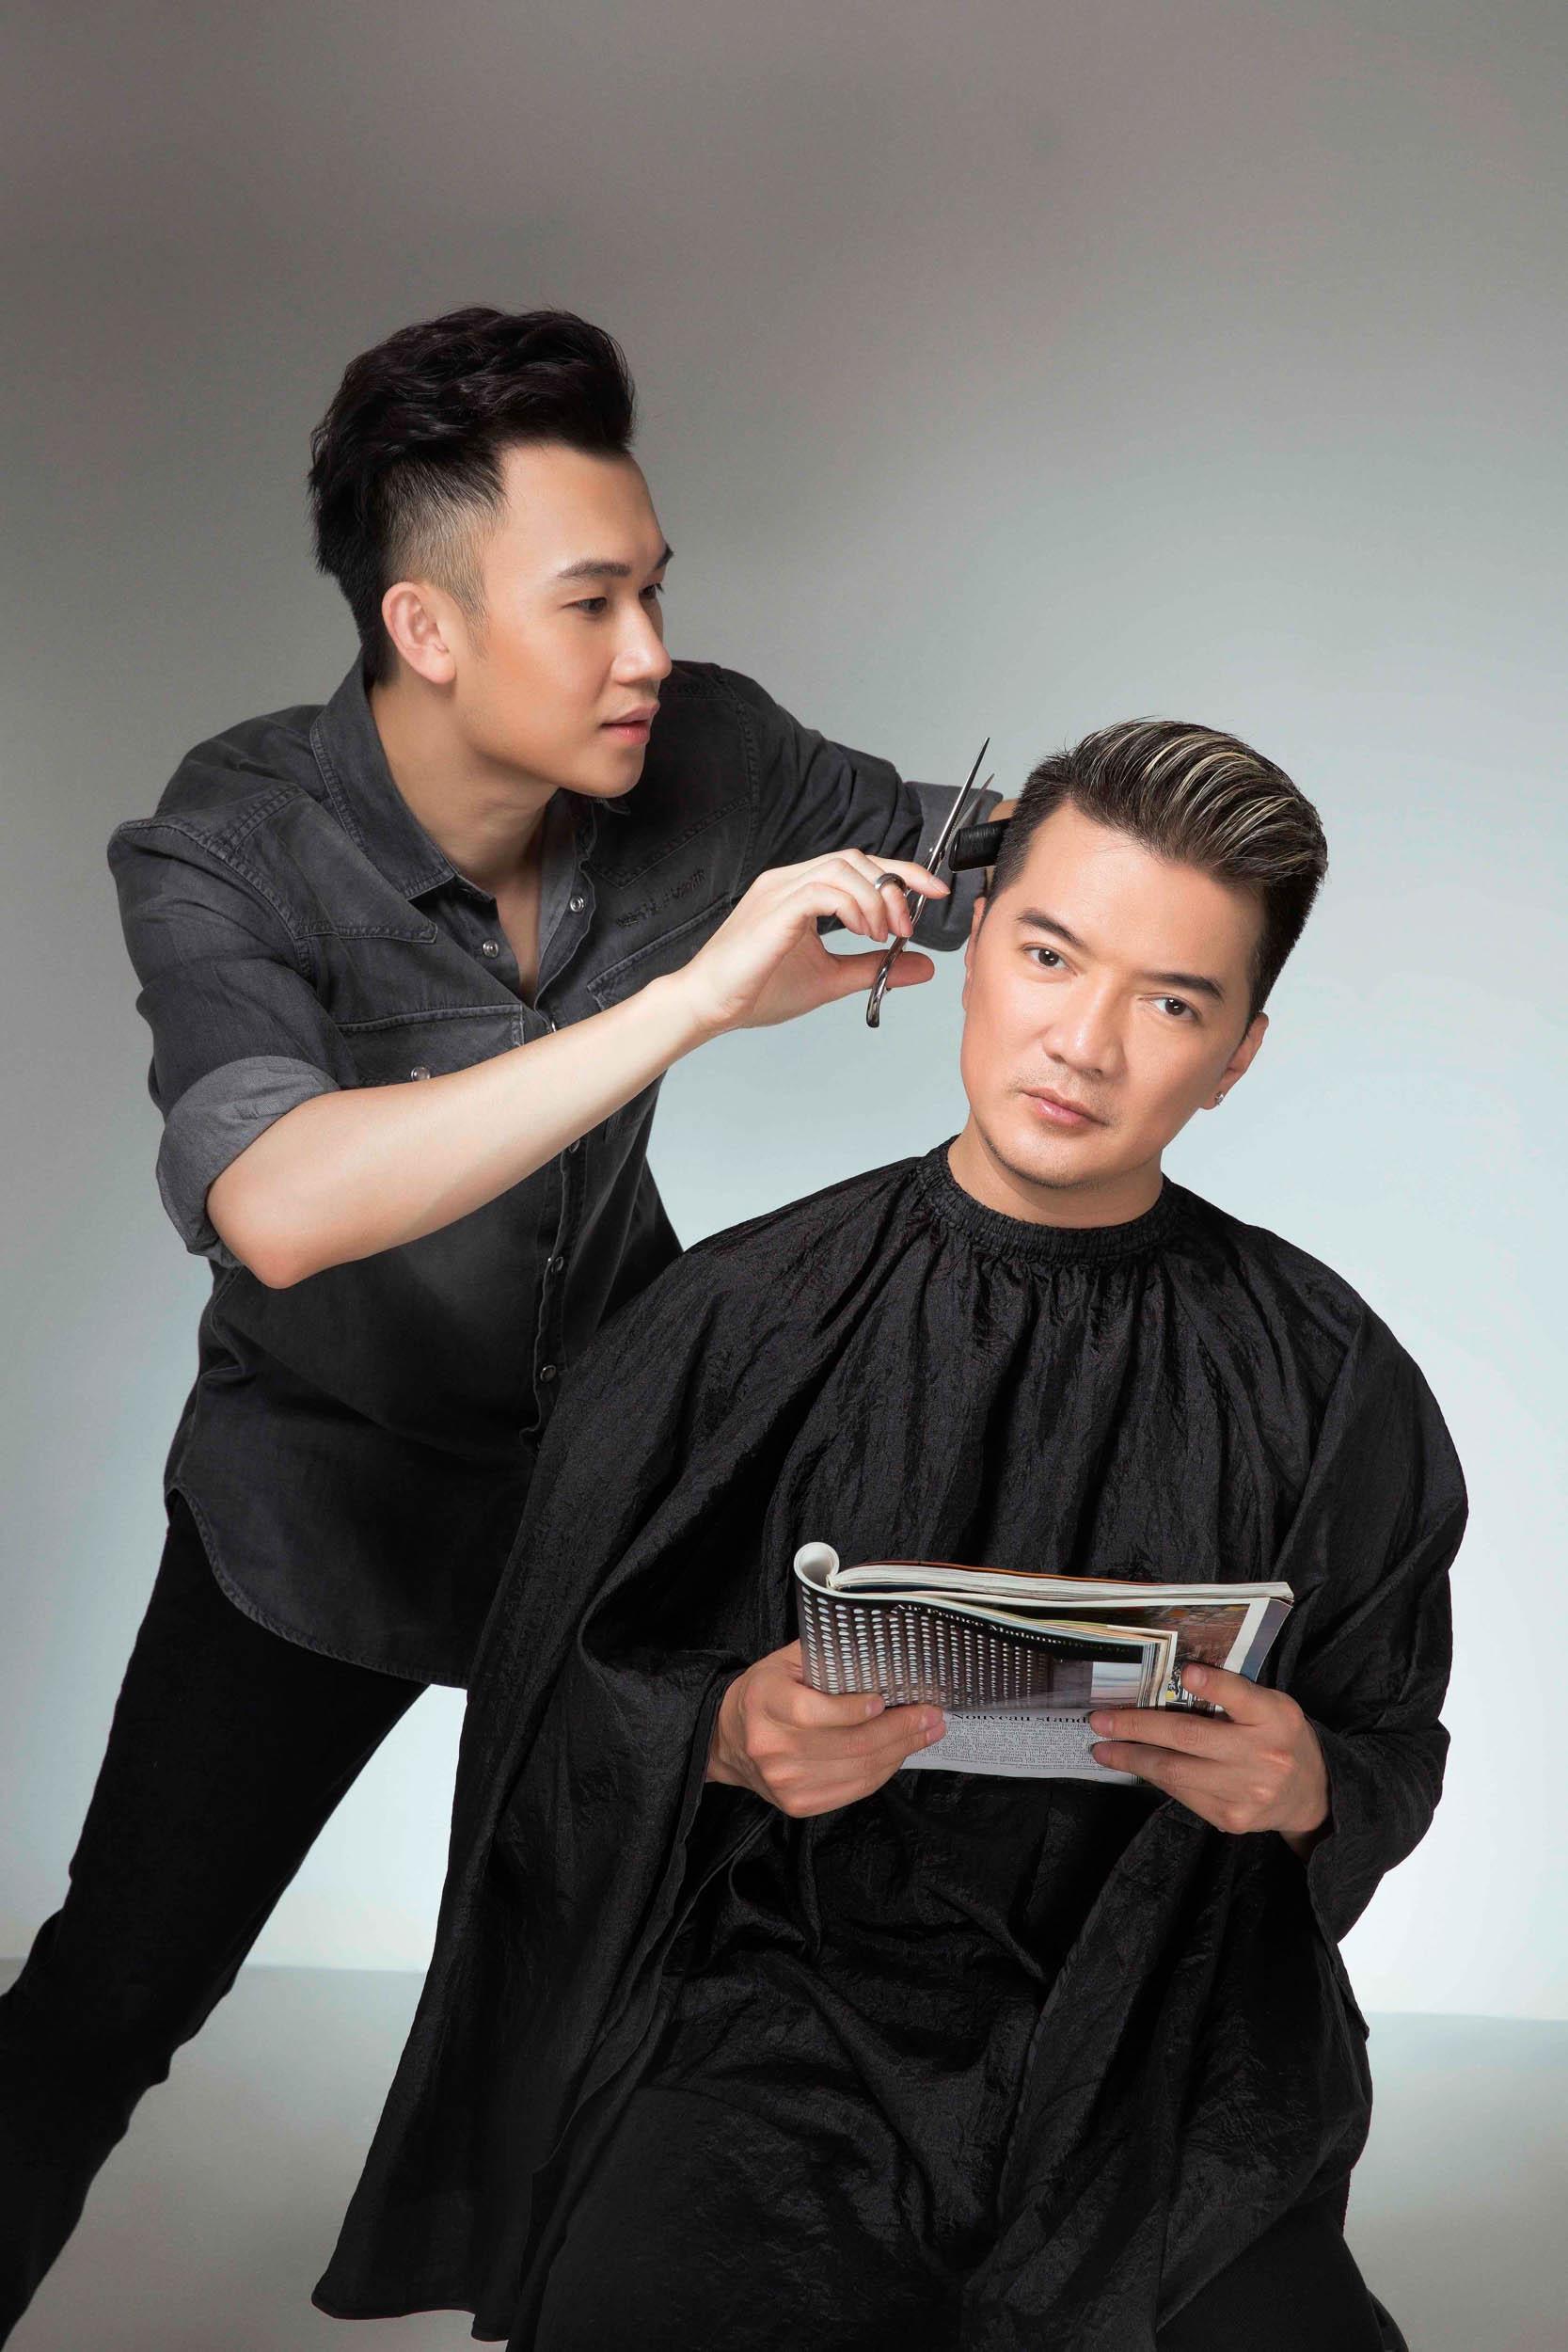 Đàm Vĩnh Hưng - Dương Triệu Vũ ra mắt teaser album chung, tiếp tục úp mở về mối quan hệ của cả hai - Ảnh 6.